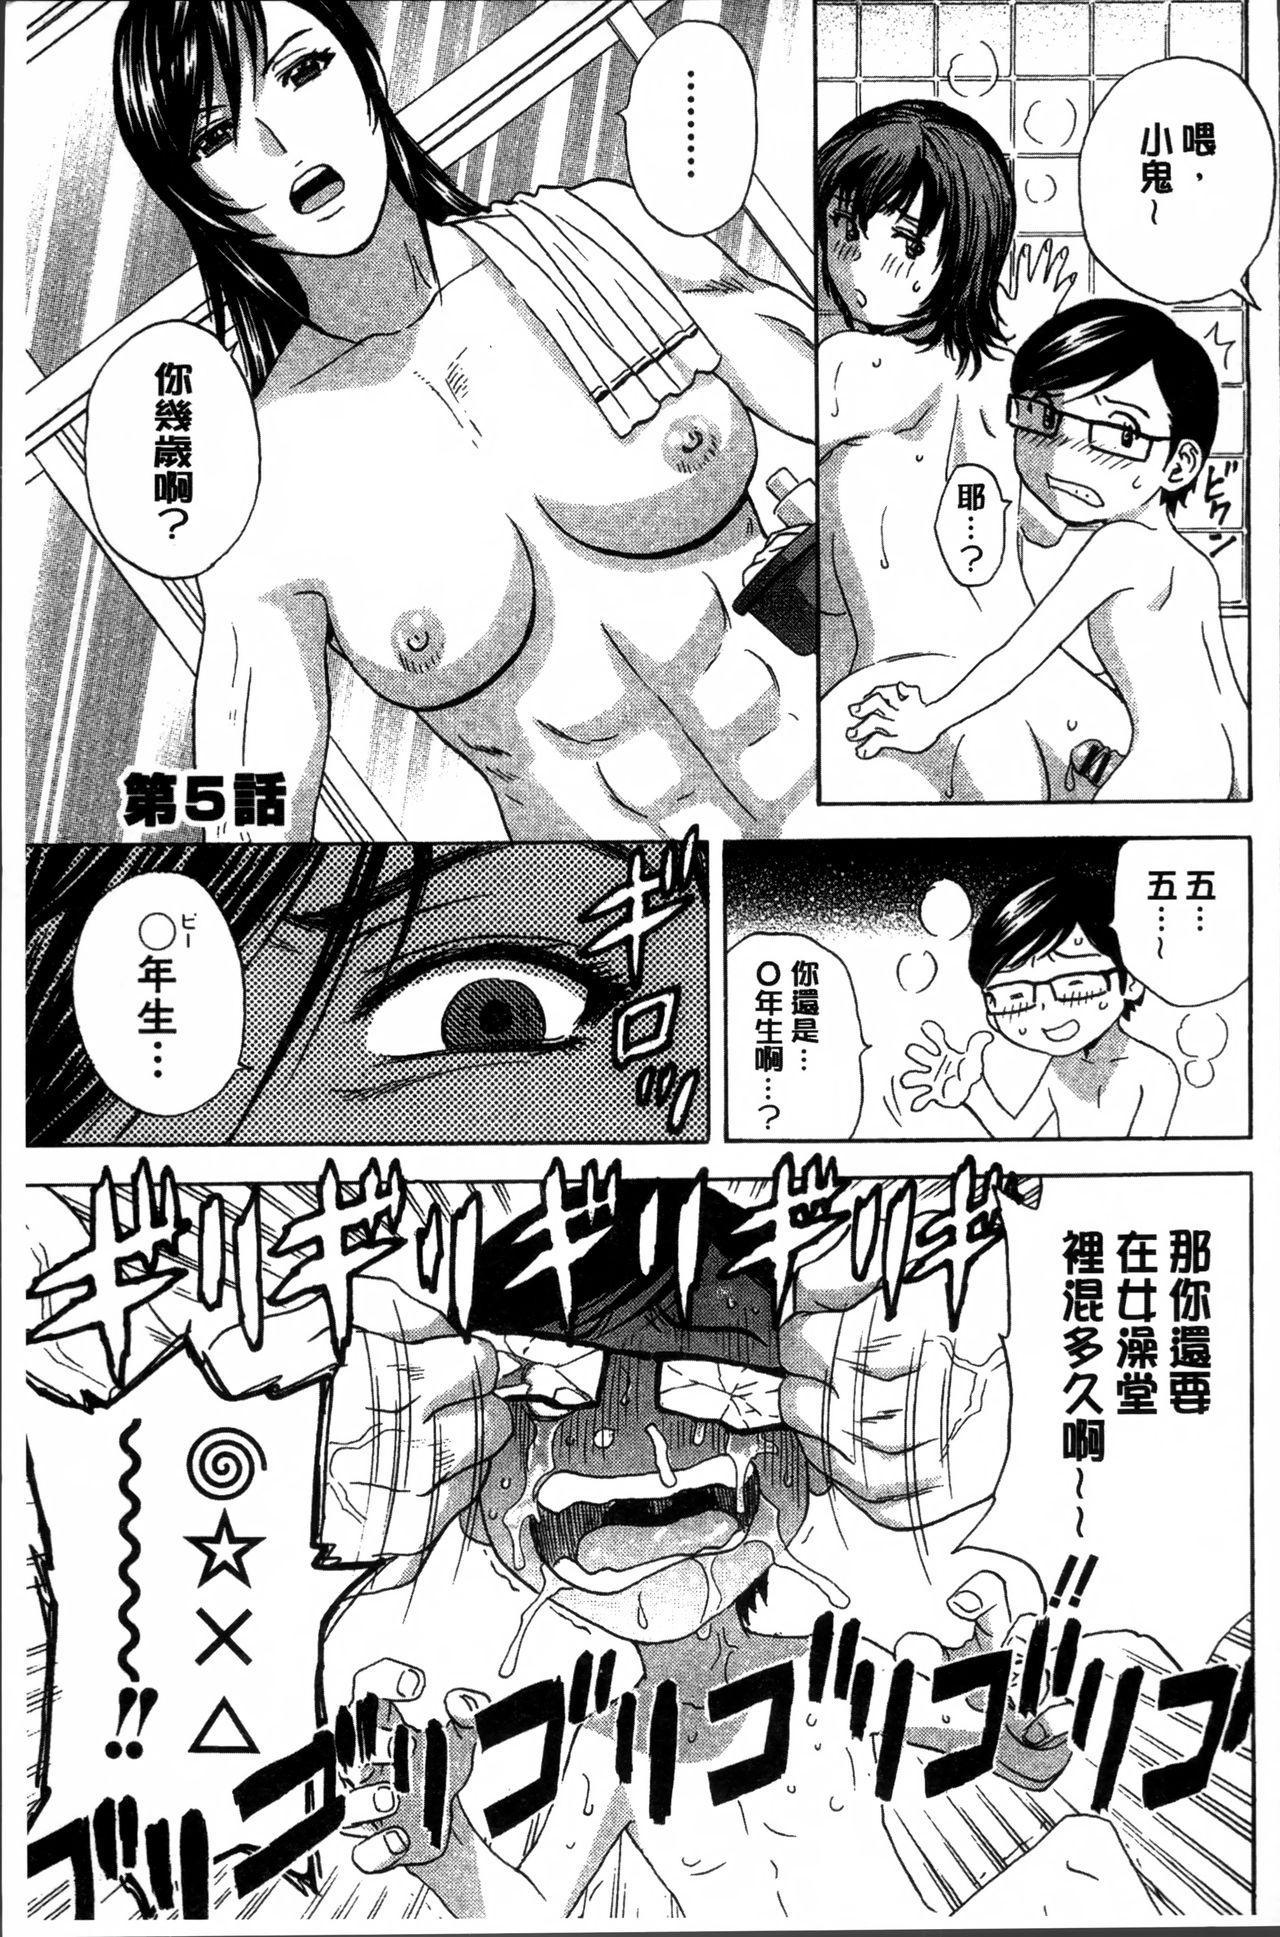 Ryoujyoku!! Urechichi Paradise 126